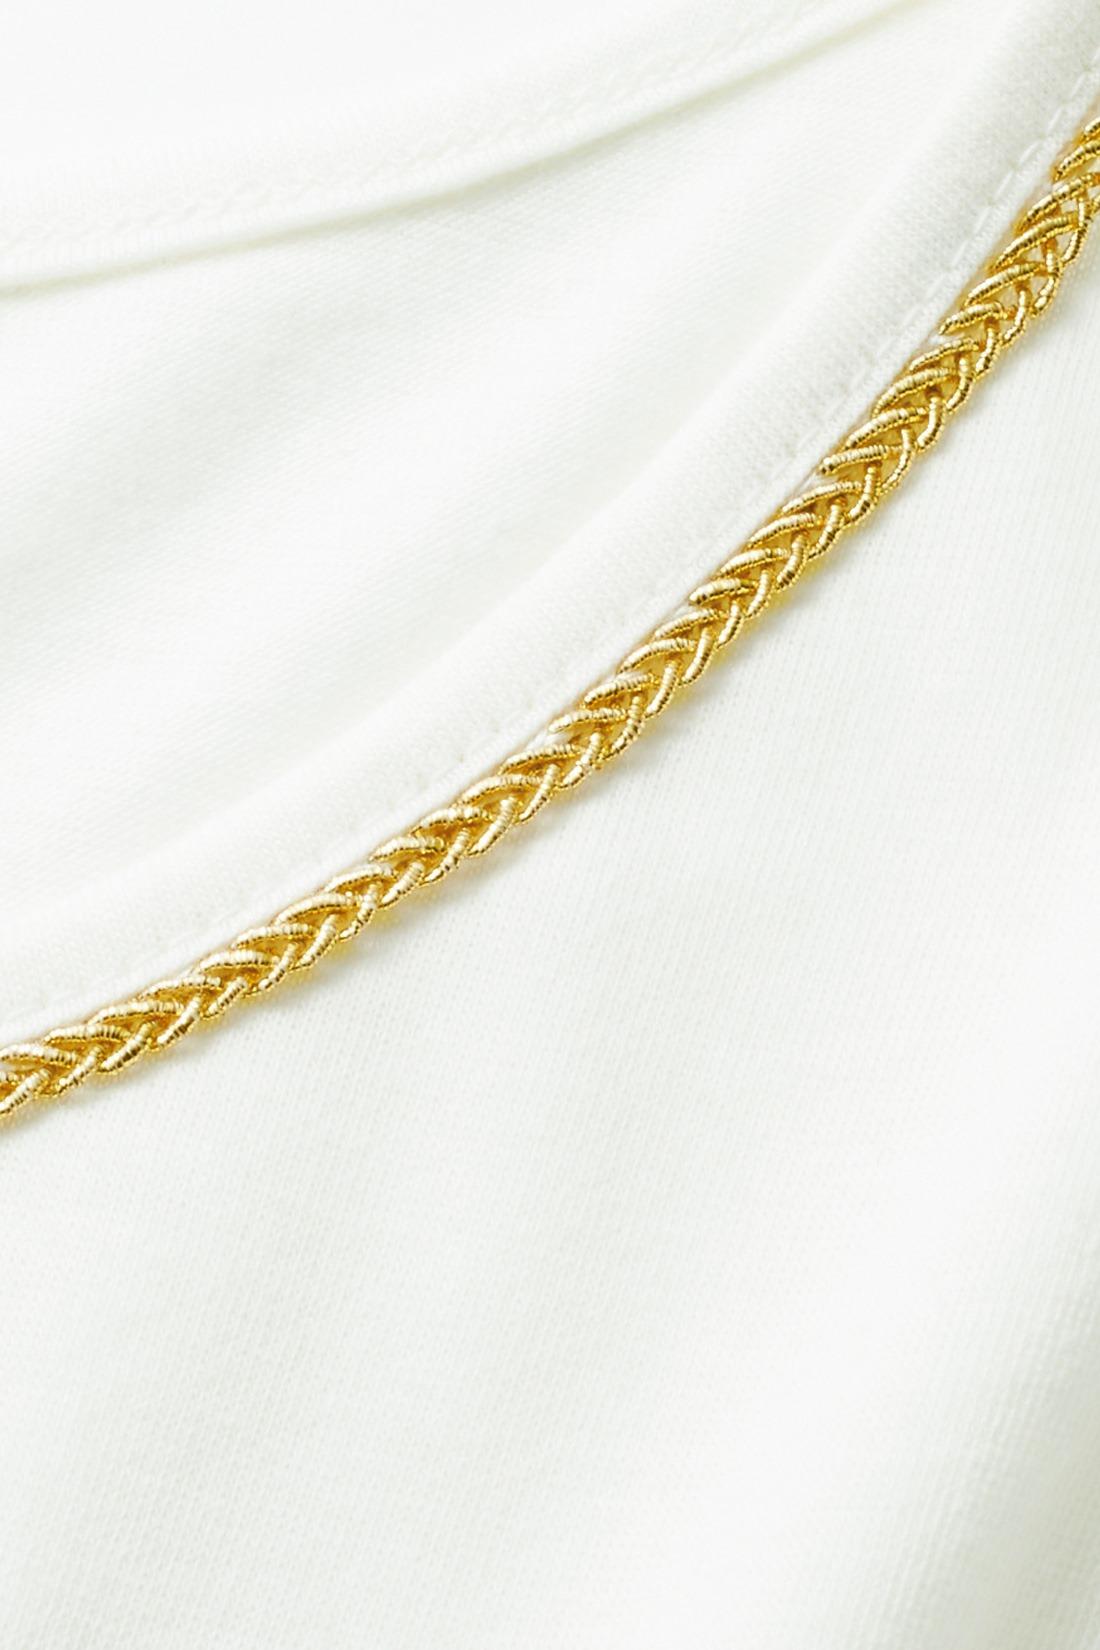 タンクトップの衿ぐりには、ゴールドカラーのラメテープ。レースから透けて、ほんのりキラリ。ネックレスみたいに華やか。 ※お届けするカラーとは異なります。